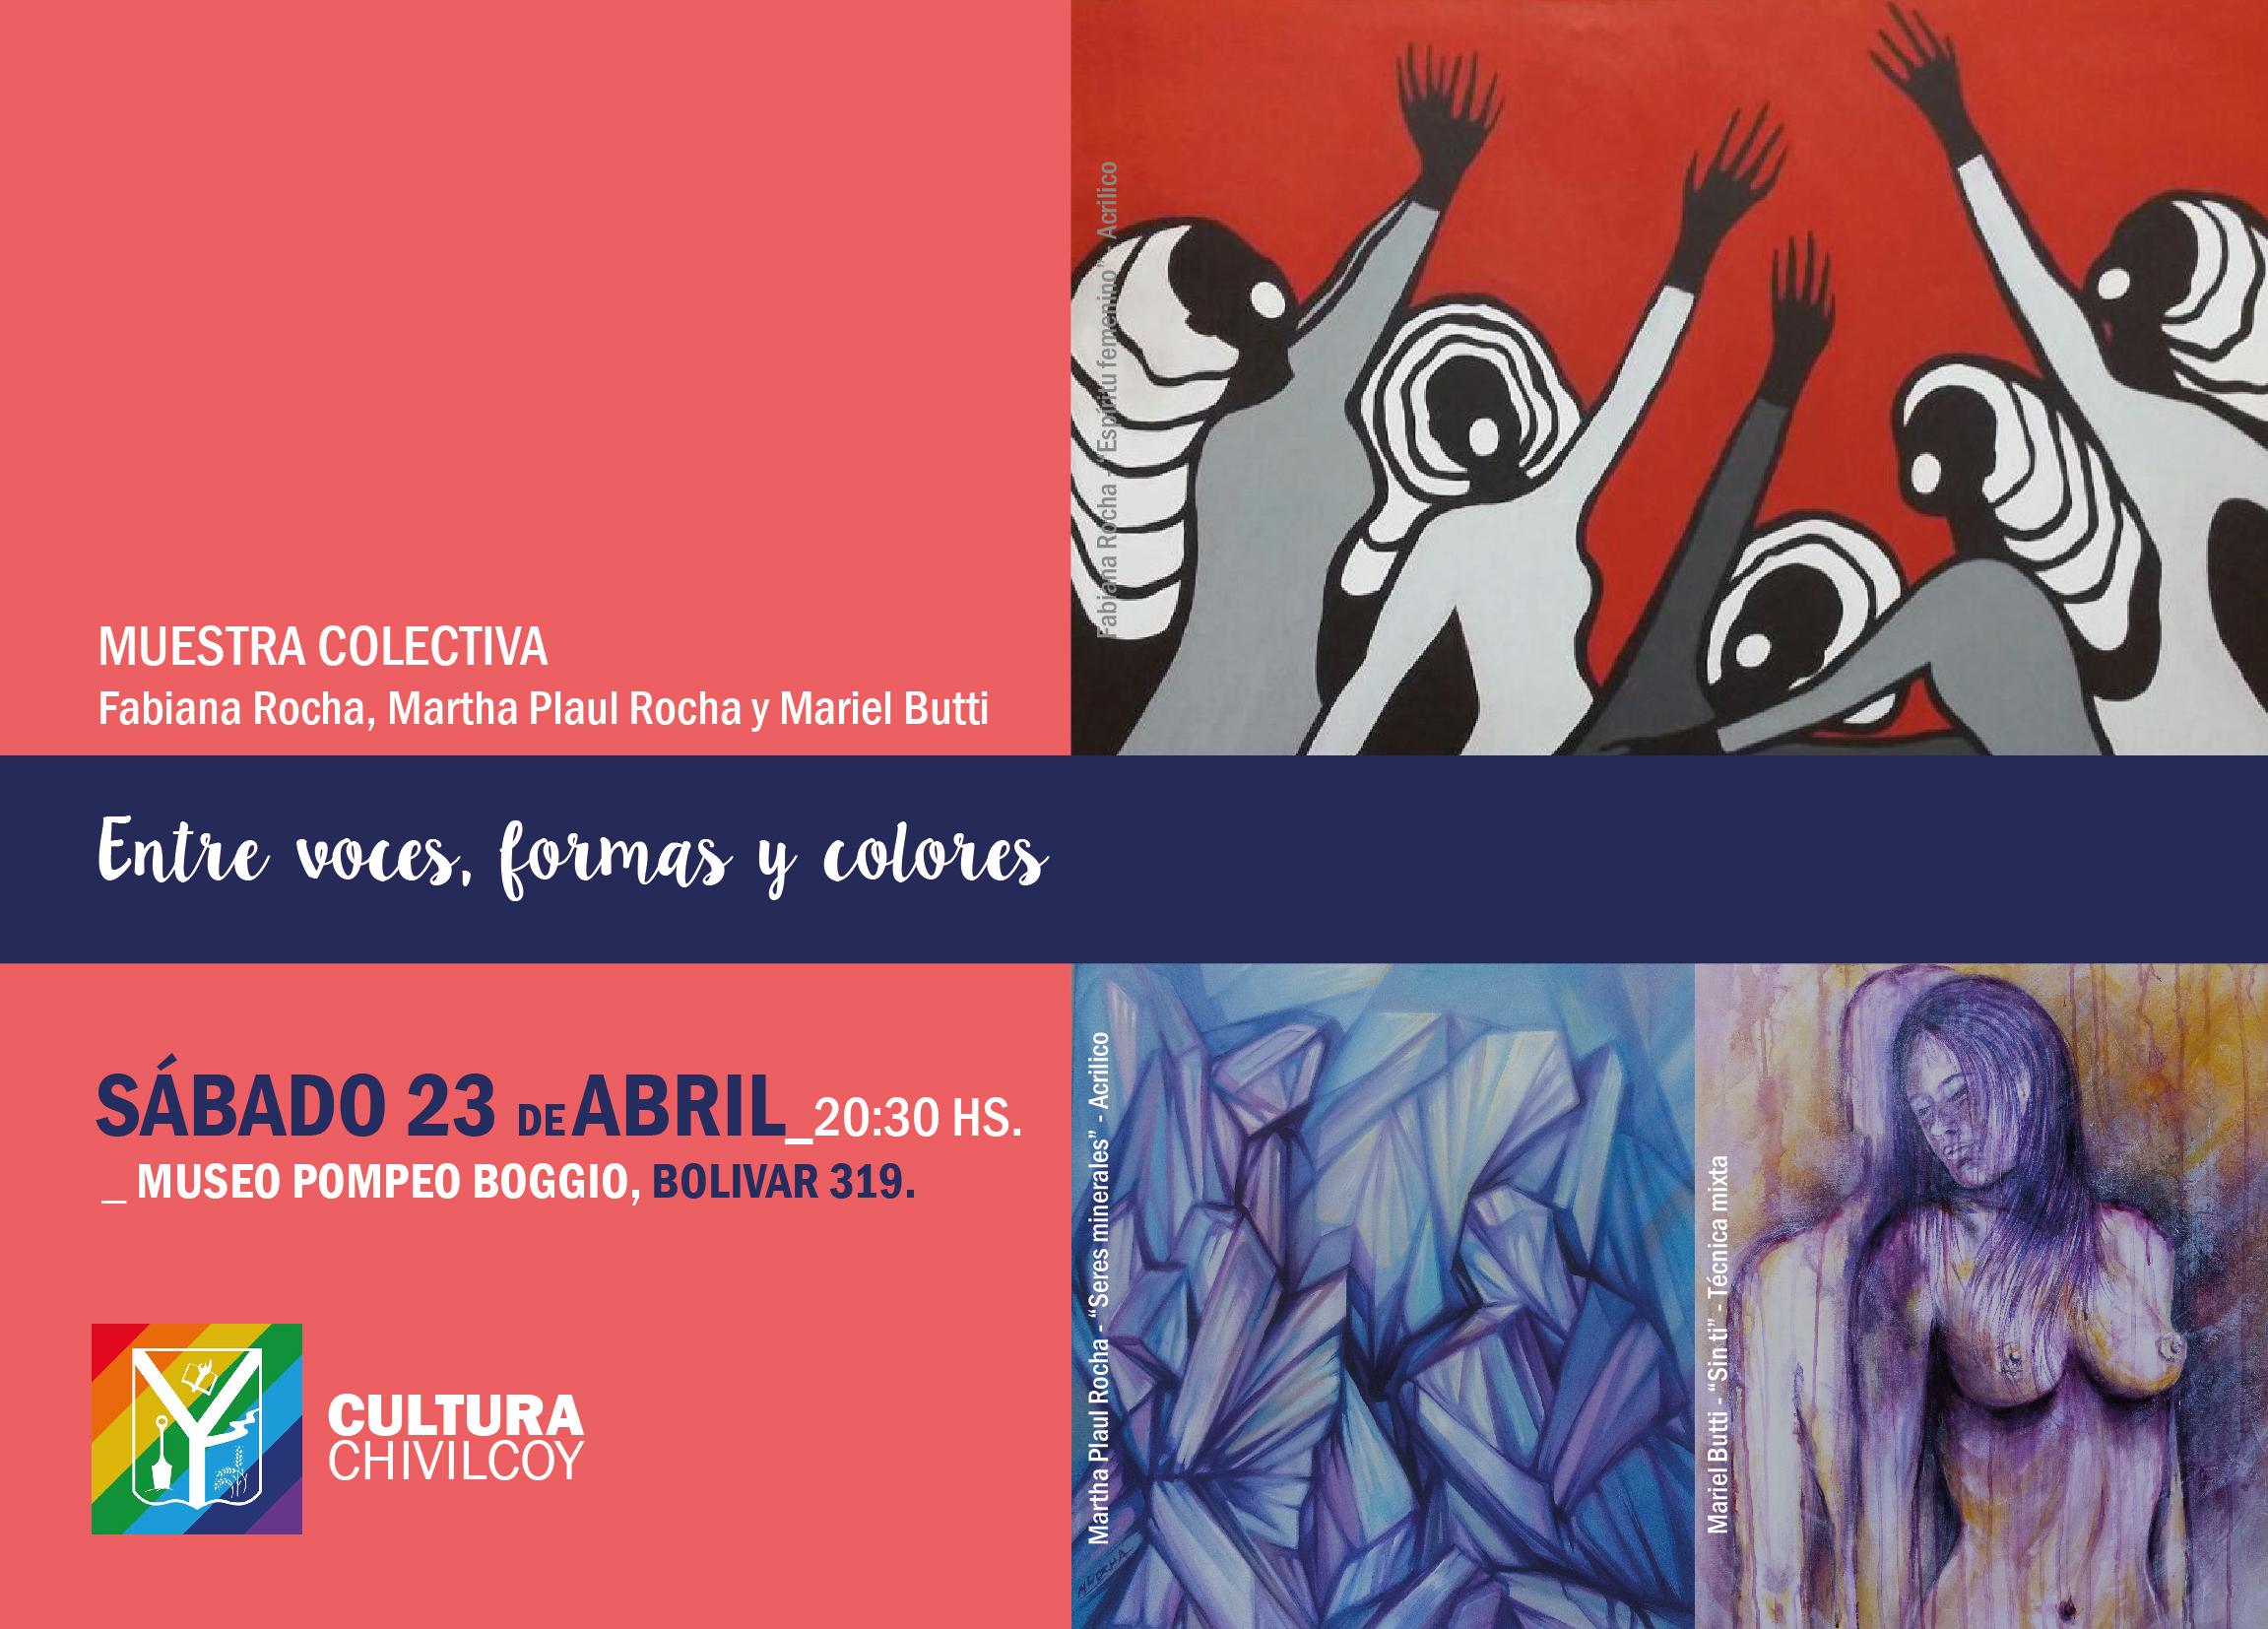 Noticias_chivilcoy_muestra_mirta Entre voces formas y colores_redes-01